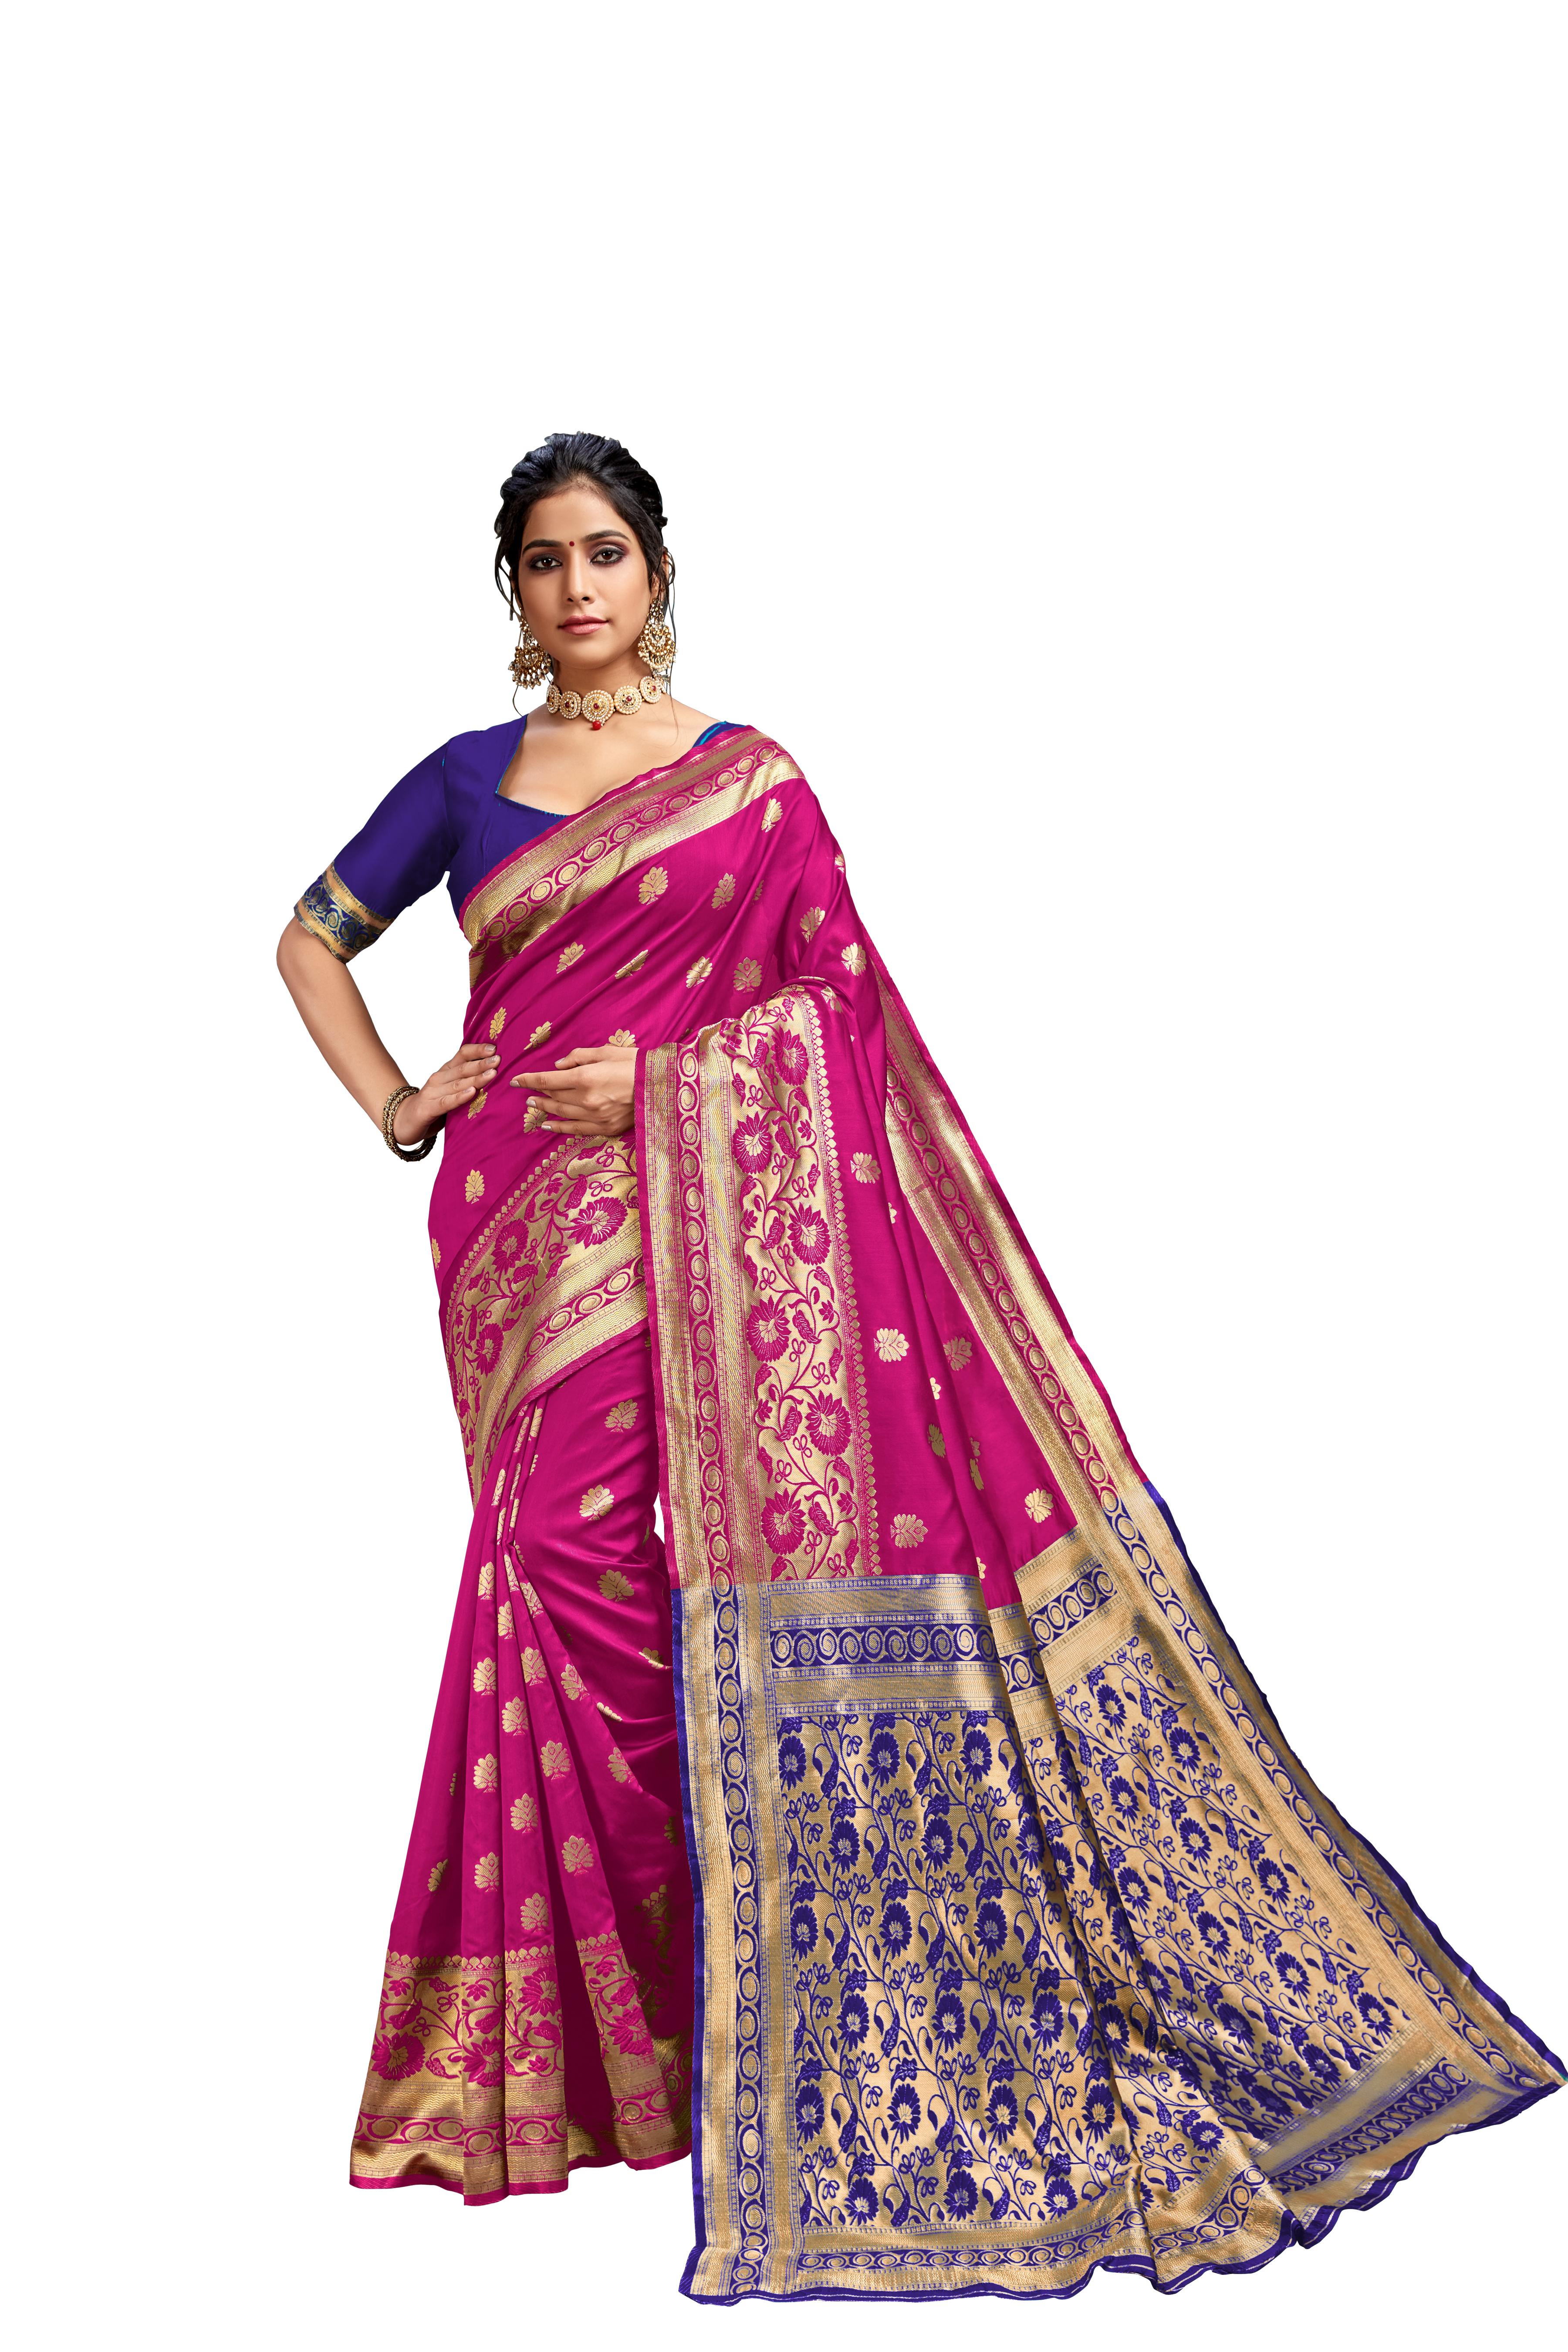 Glemora Pink & Blue Lichi Cotton Kalpana Saree With Unstitched Blouse